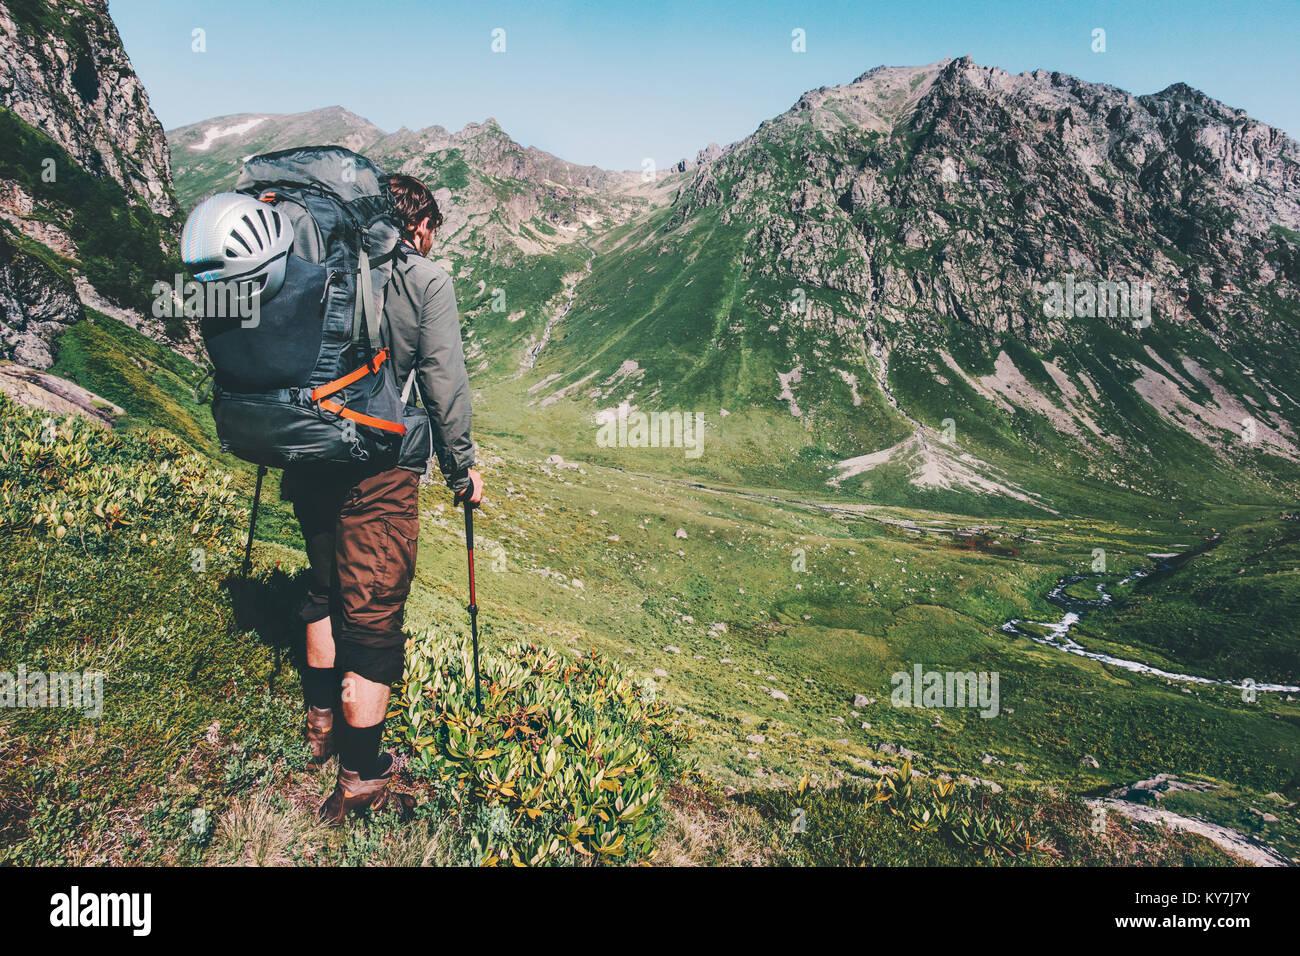 Hombre, caminatas en las montañas con la pesada mochila grande estilo concepto de aventura viajes wanderlust Imagen De Stock